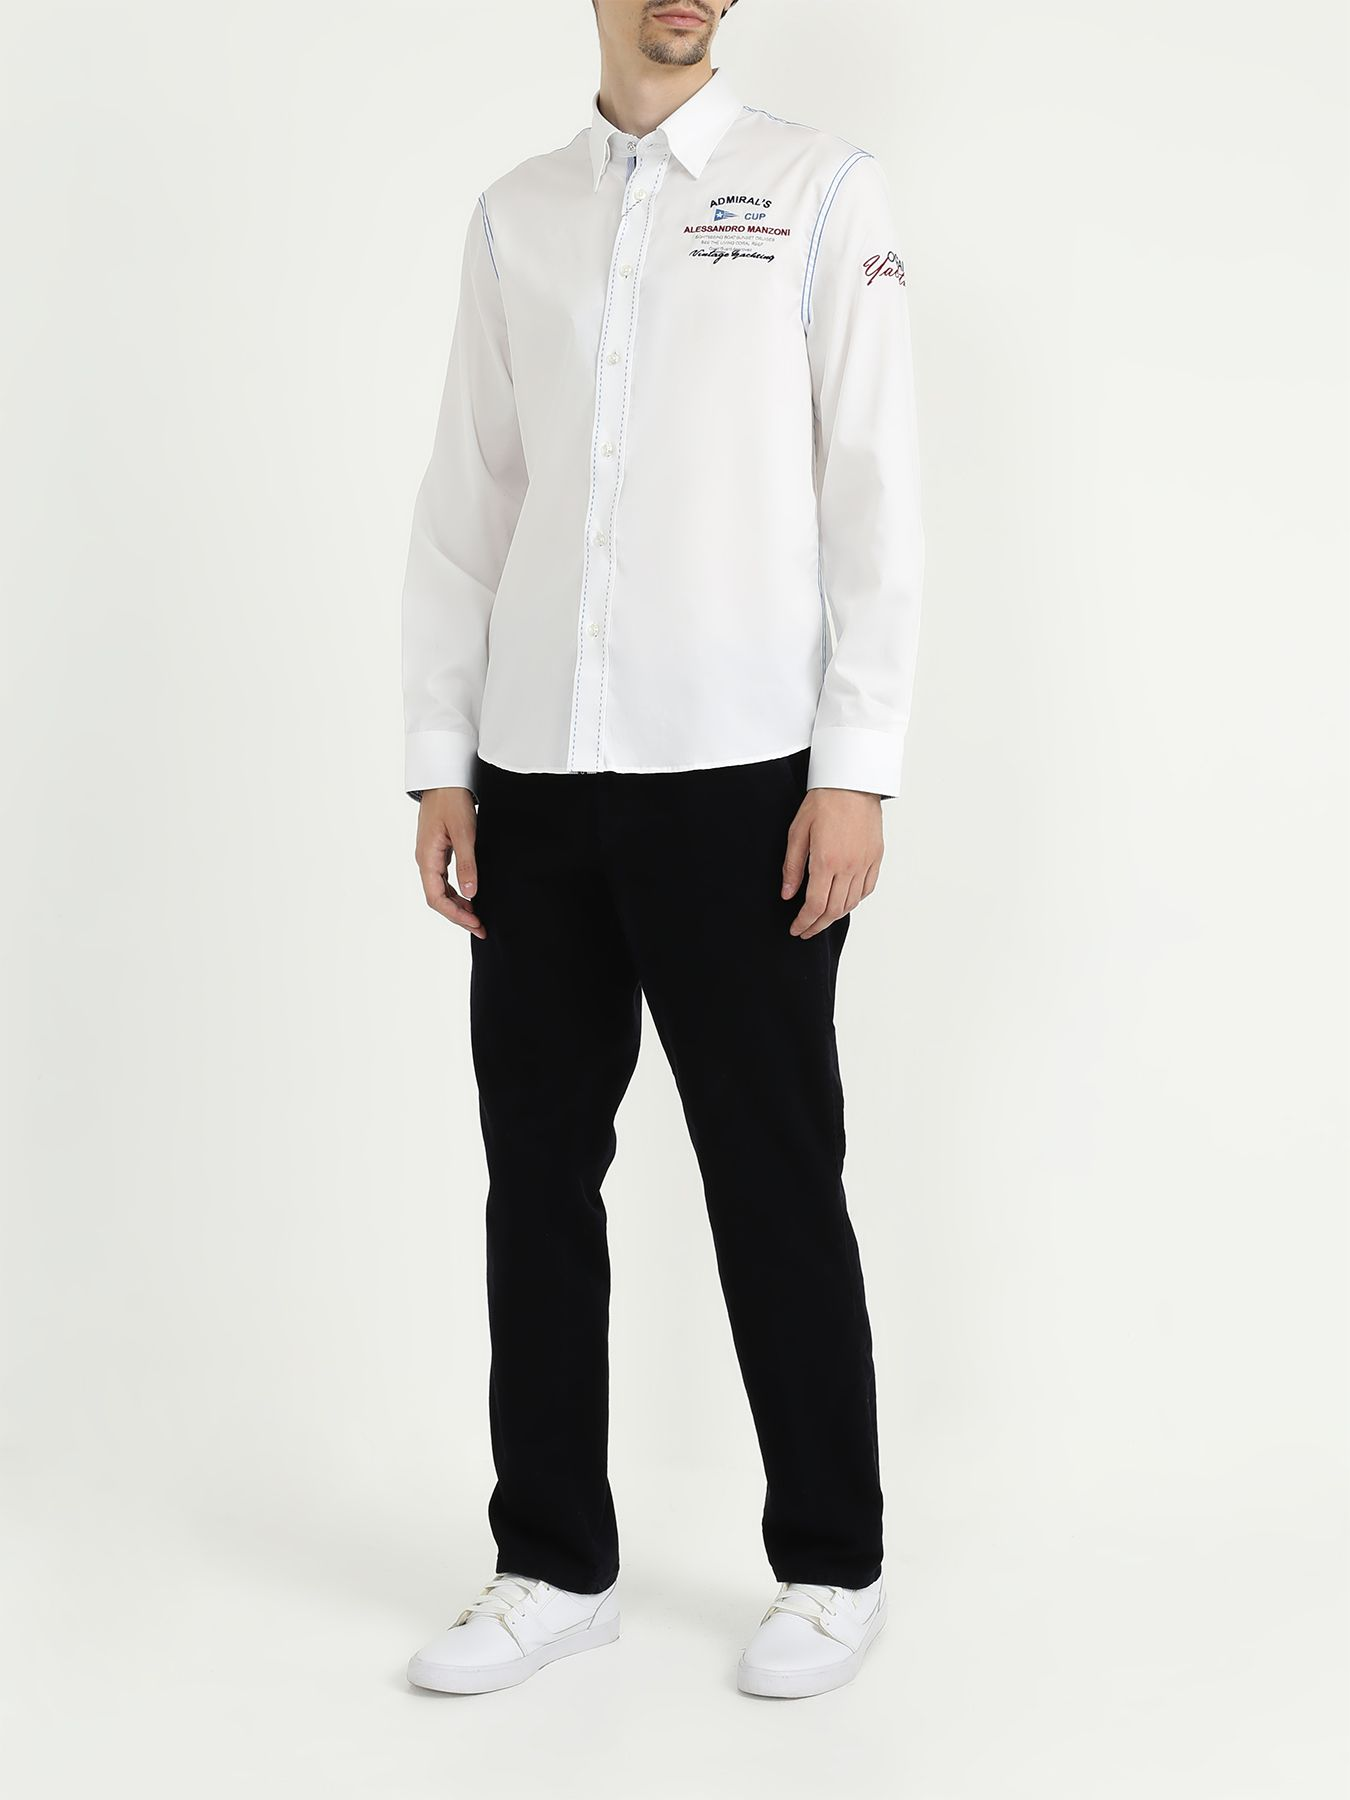 Рубашка Alessandro Manzoni Yachting Рубашка с длинным рукавом рубашка с длинным рукавом для деловых людей весенняя осень твердый цвет silm fit